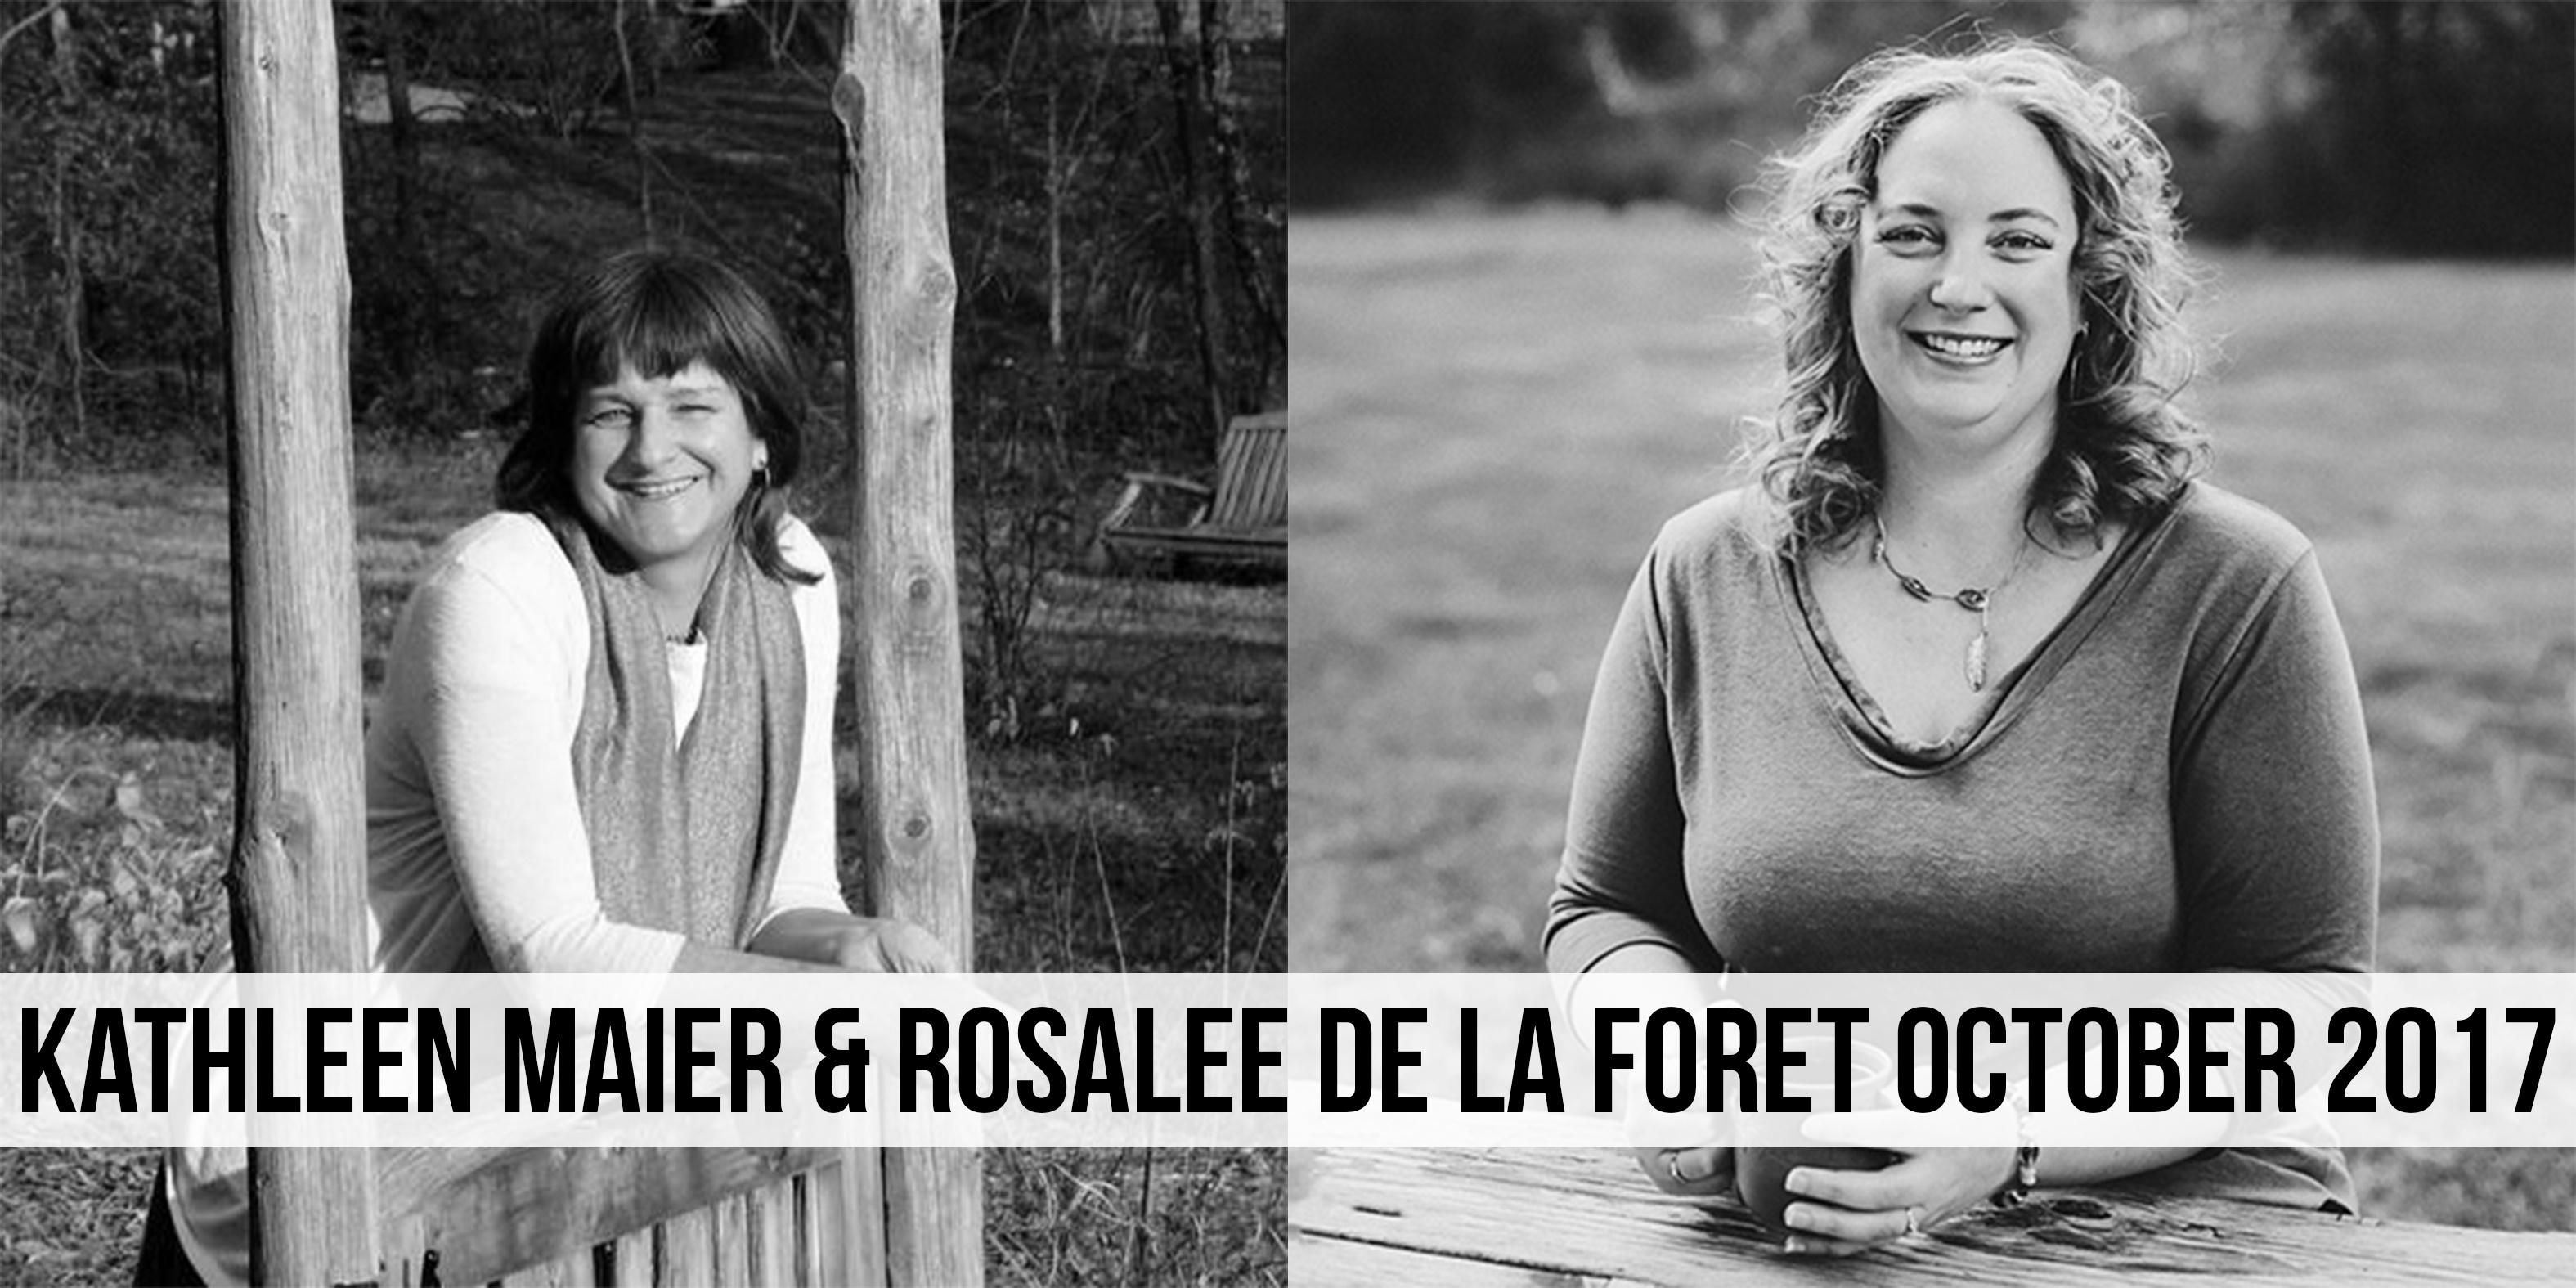 Kathleen Maier and Rosalee De La Foret